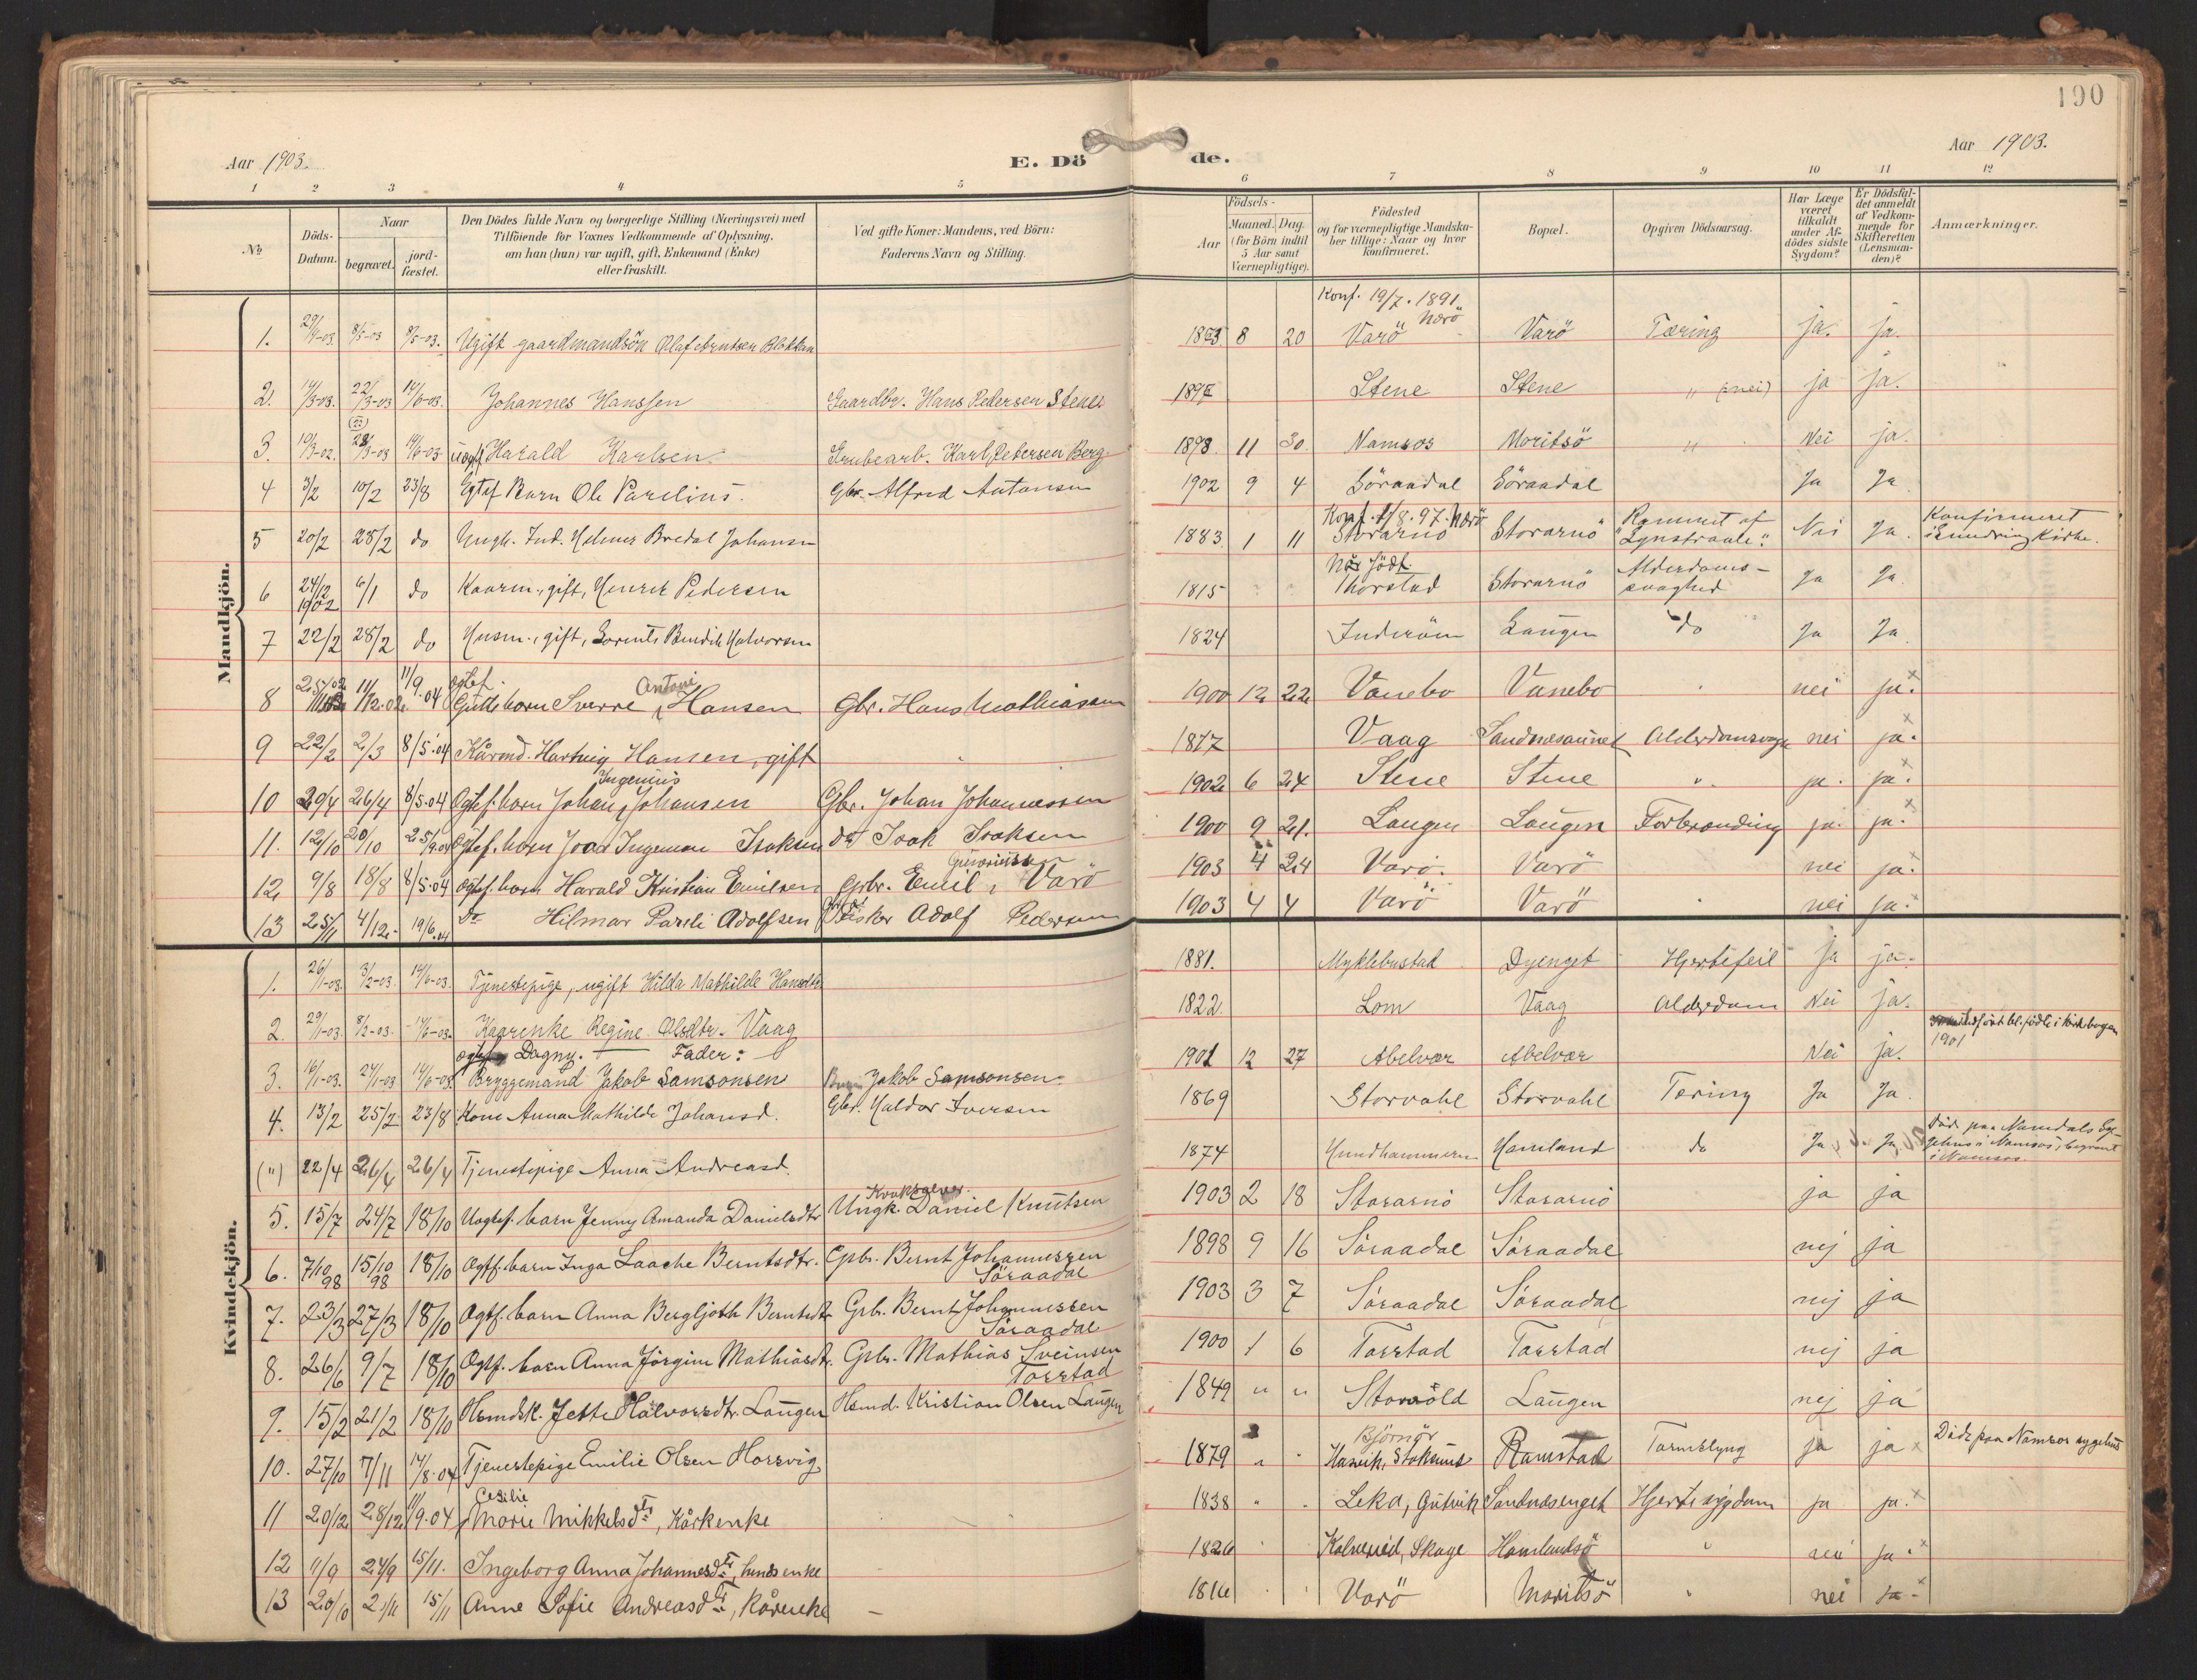 SAT, Ministerialprotokoller, klokkerbøker og fødselsregistre - Nord-Trøndelag, 784/L0677: Ministerialbok nr. 784A12, 1900-1920, s. 190